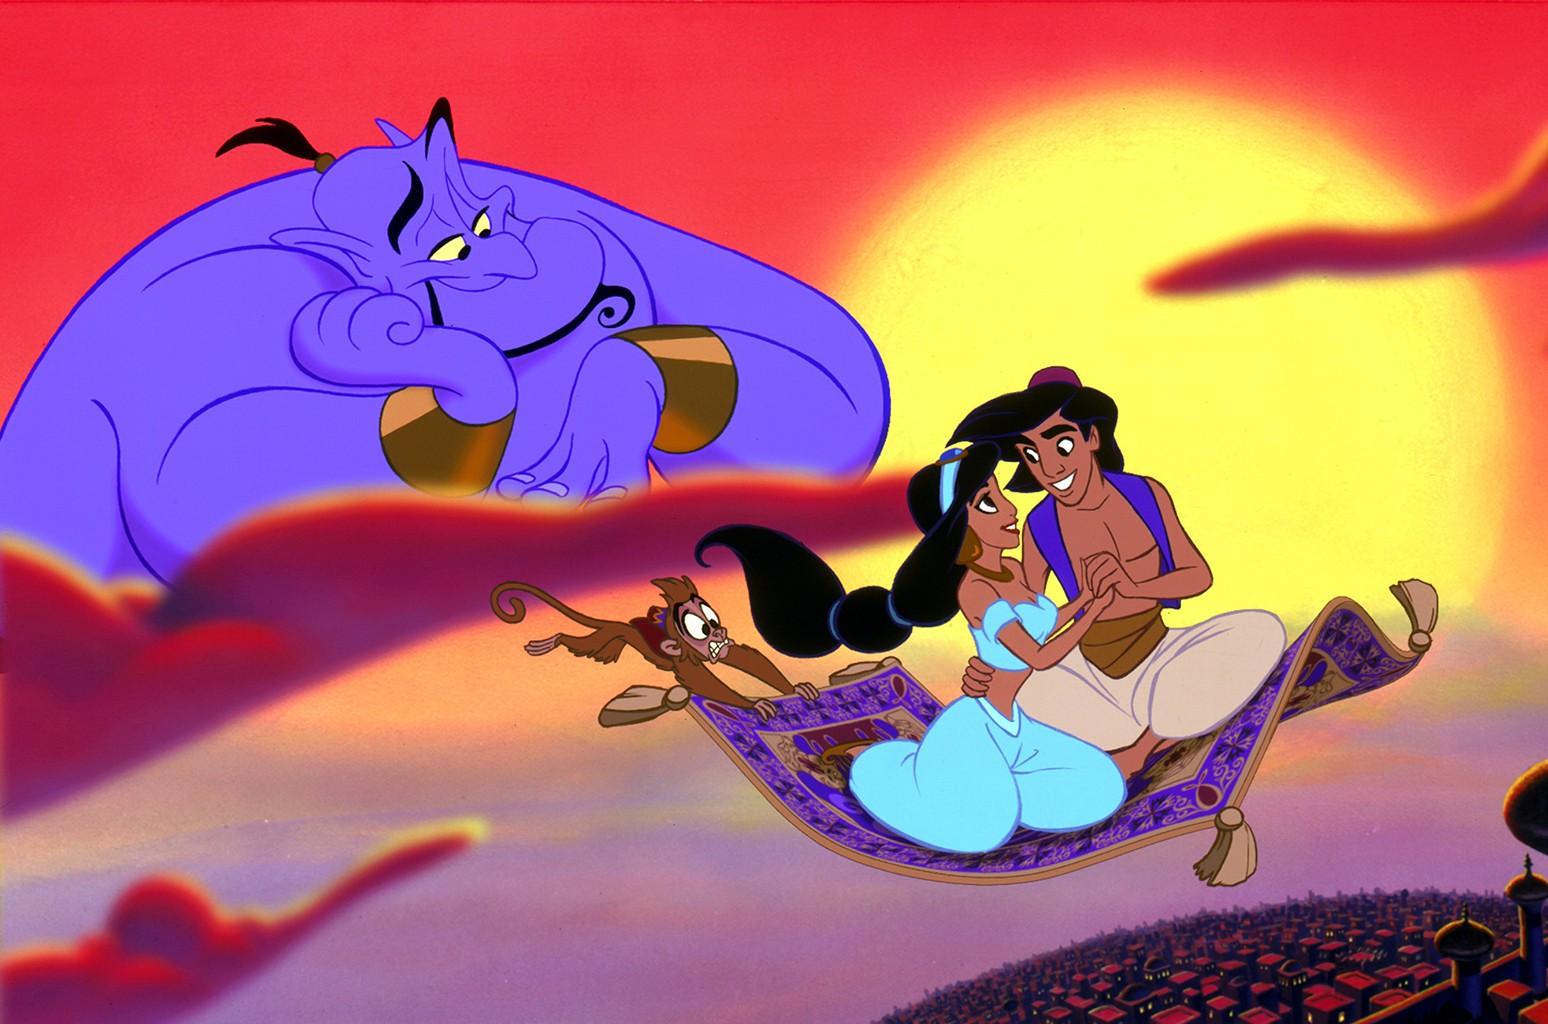 Aladdin in 1992